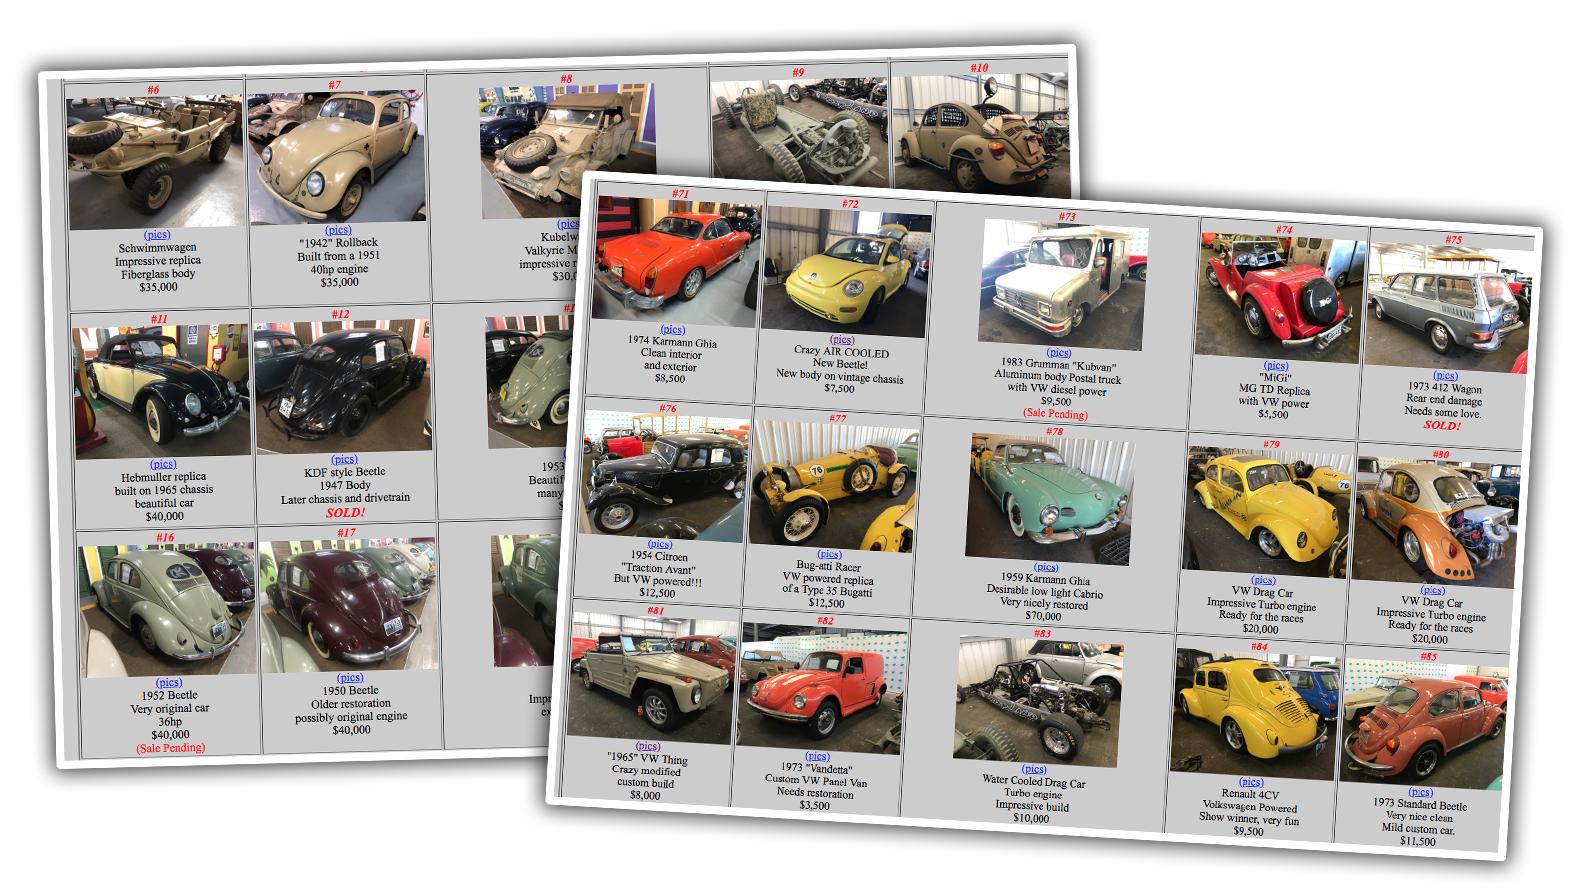 Музей Volkswagen розпродує усі свої експонати – унікальні й рідкісні моделі з повітряним охолодженням